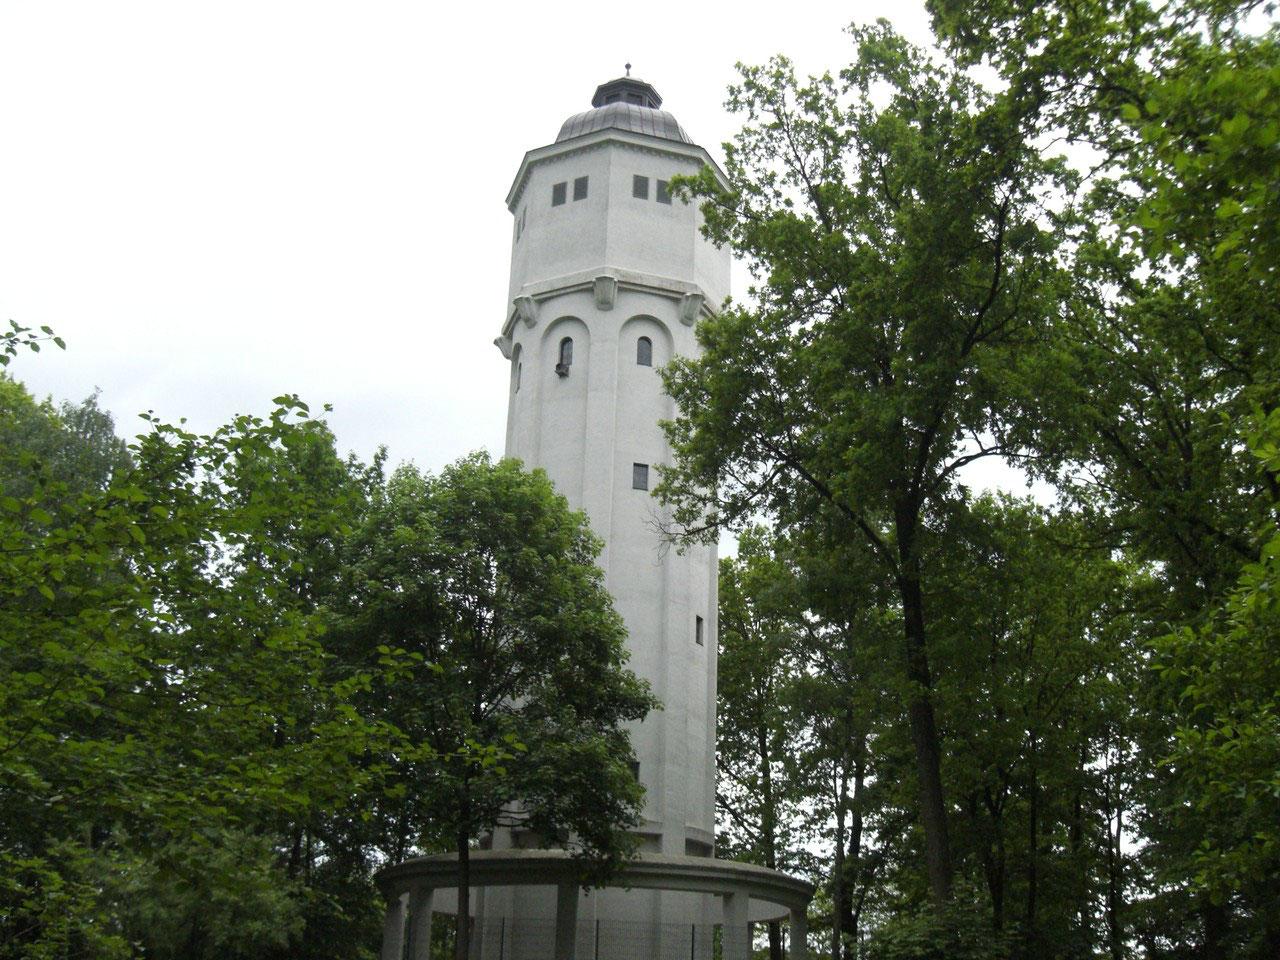 Wetter Hohen Neuendorf